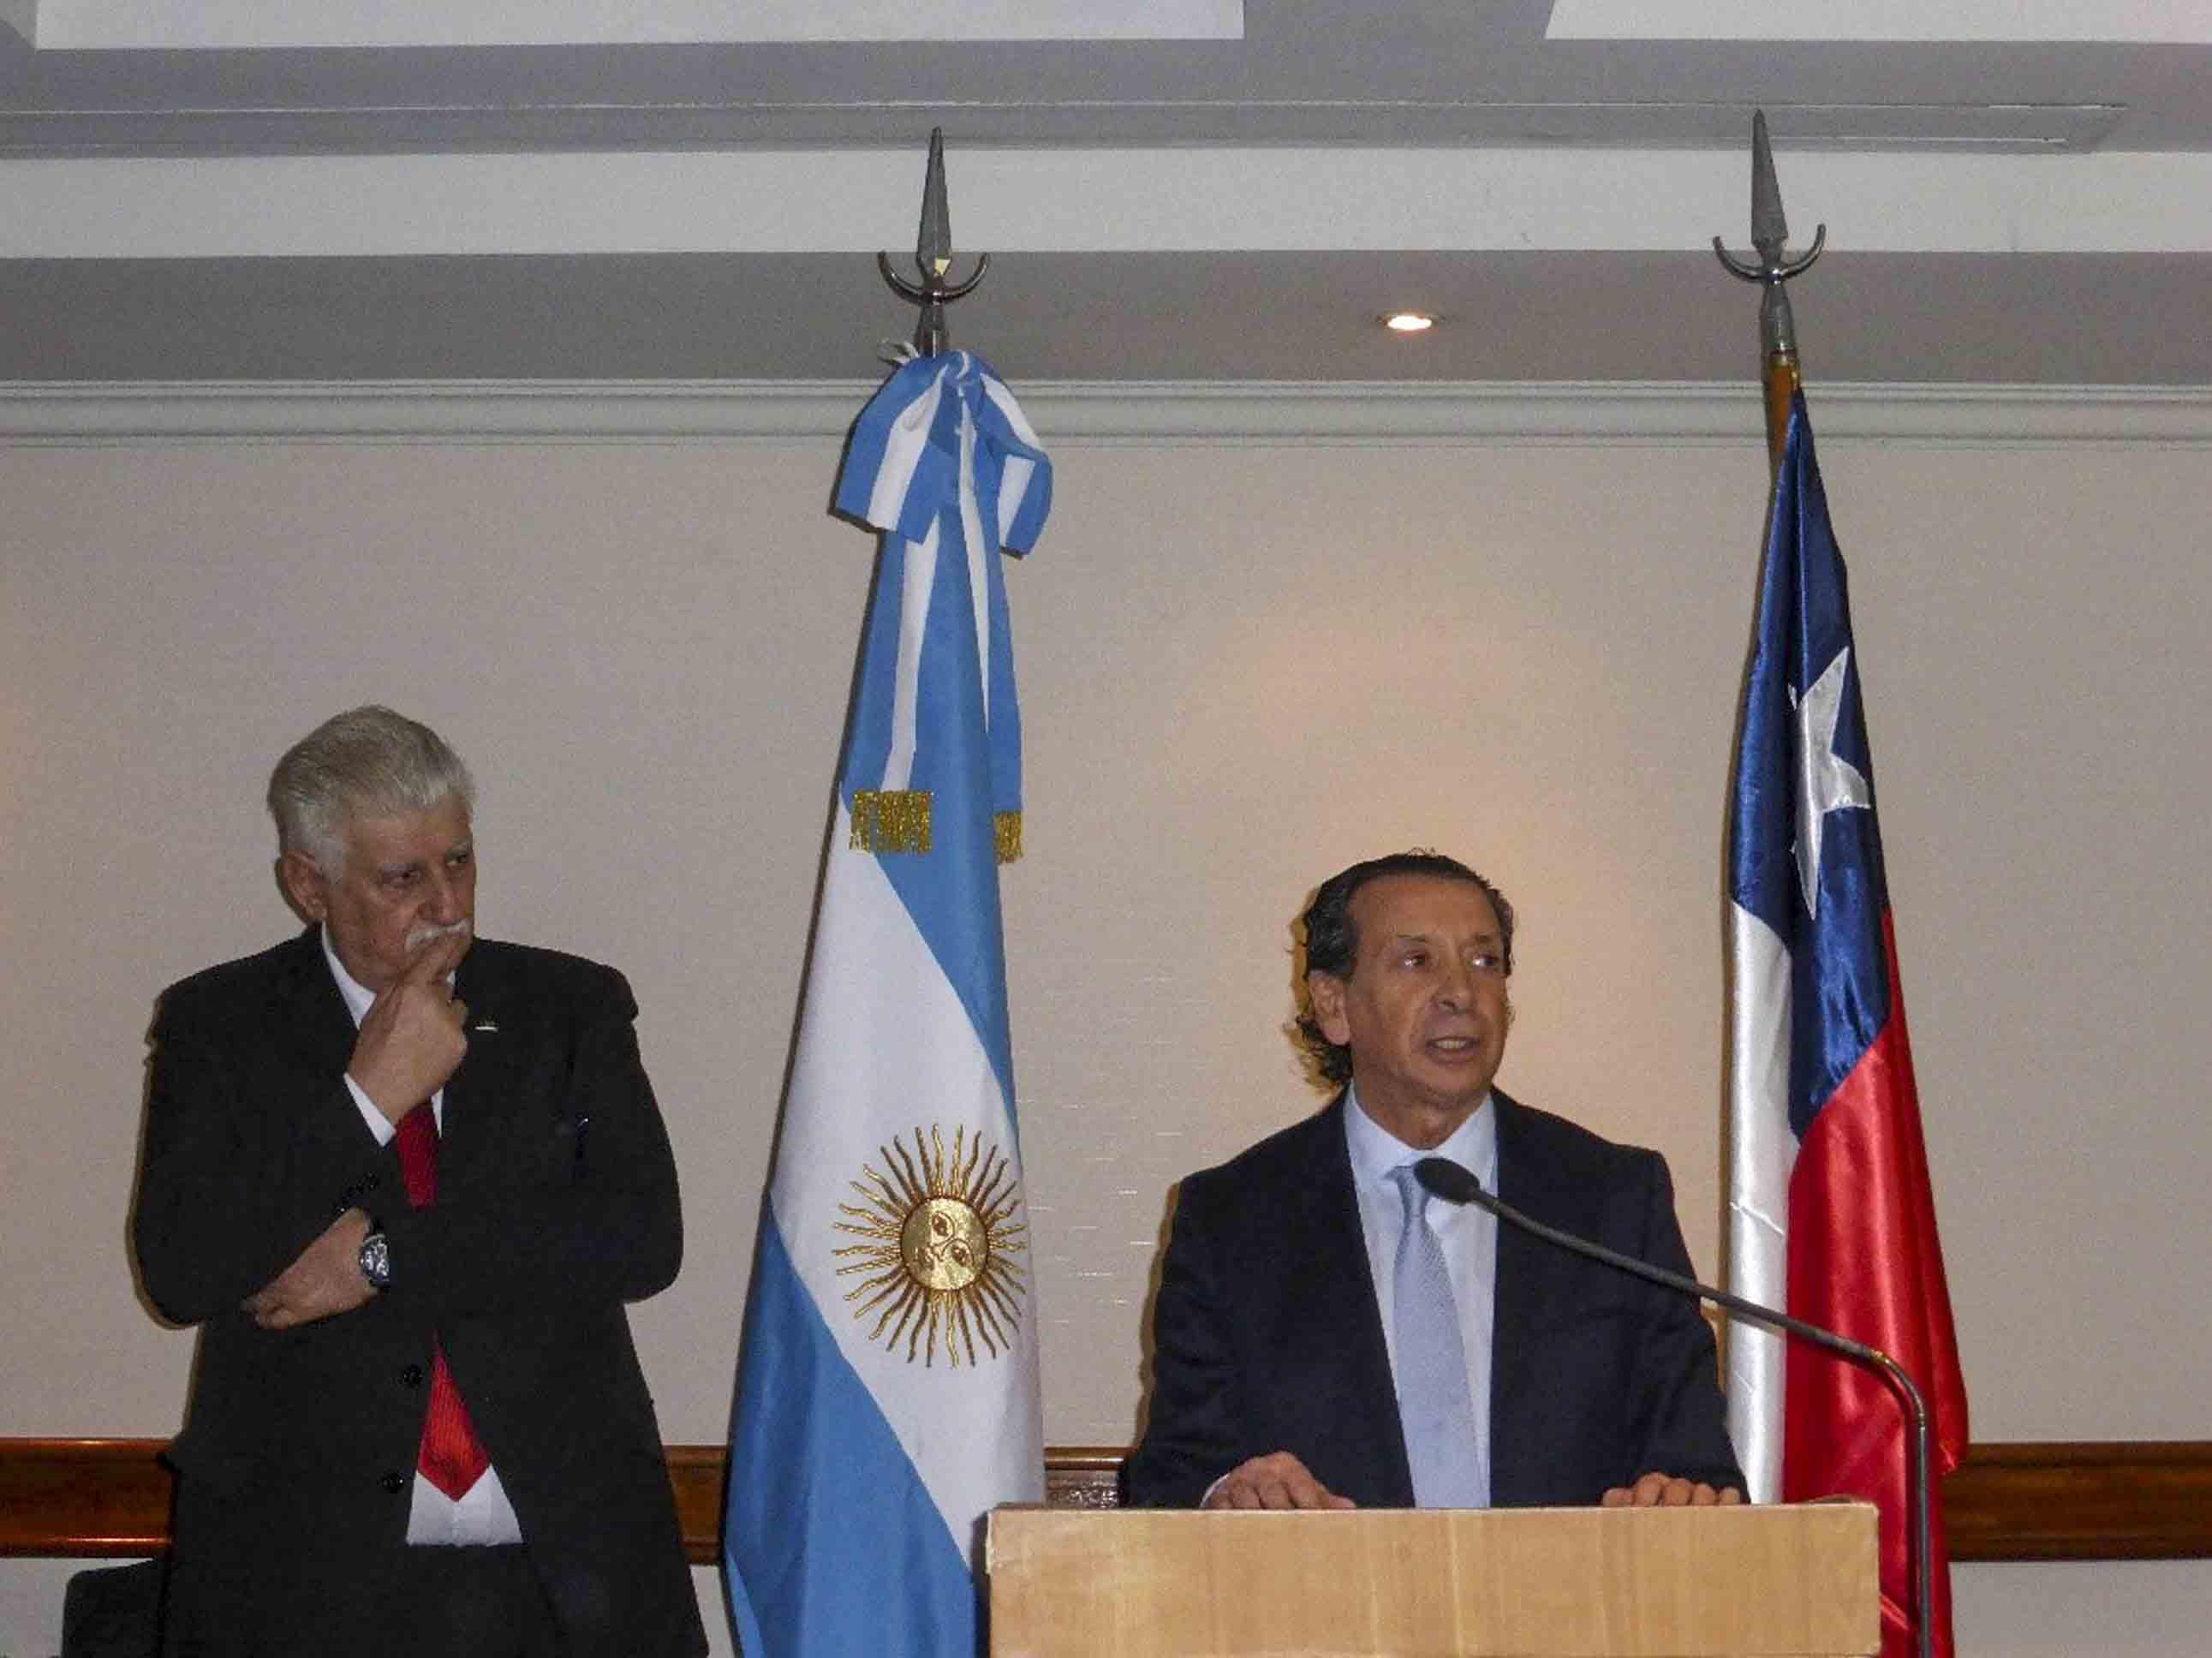 De izq. a derecha: Ing. Alejandro Wagner (AAICI), Embajador José Octavio Bordón, Ministro Dante Sica, Sr. Alberto Sellaro (CIC), Sr. Félix Halcartegaray (Fedeccal)